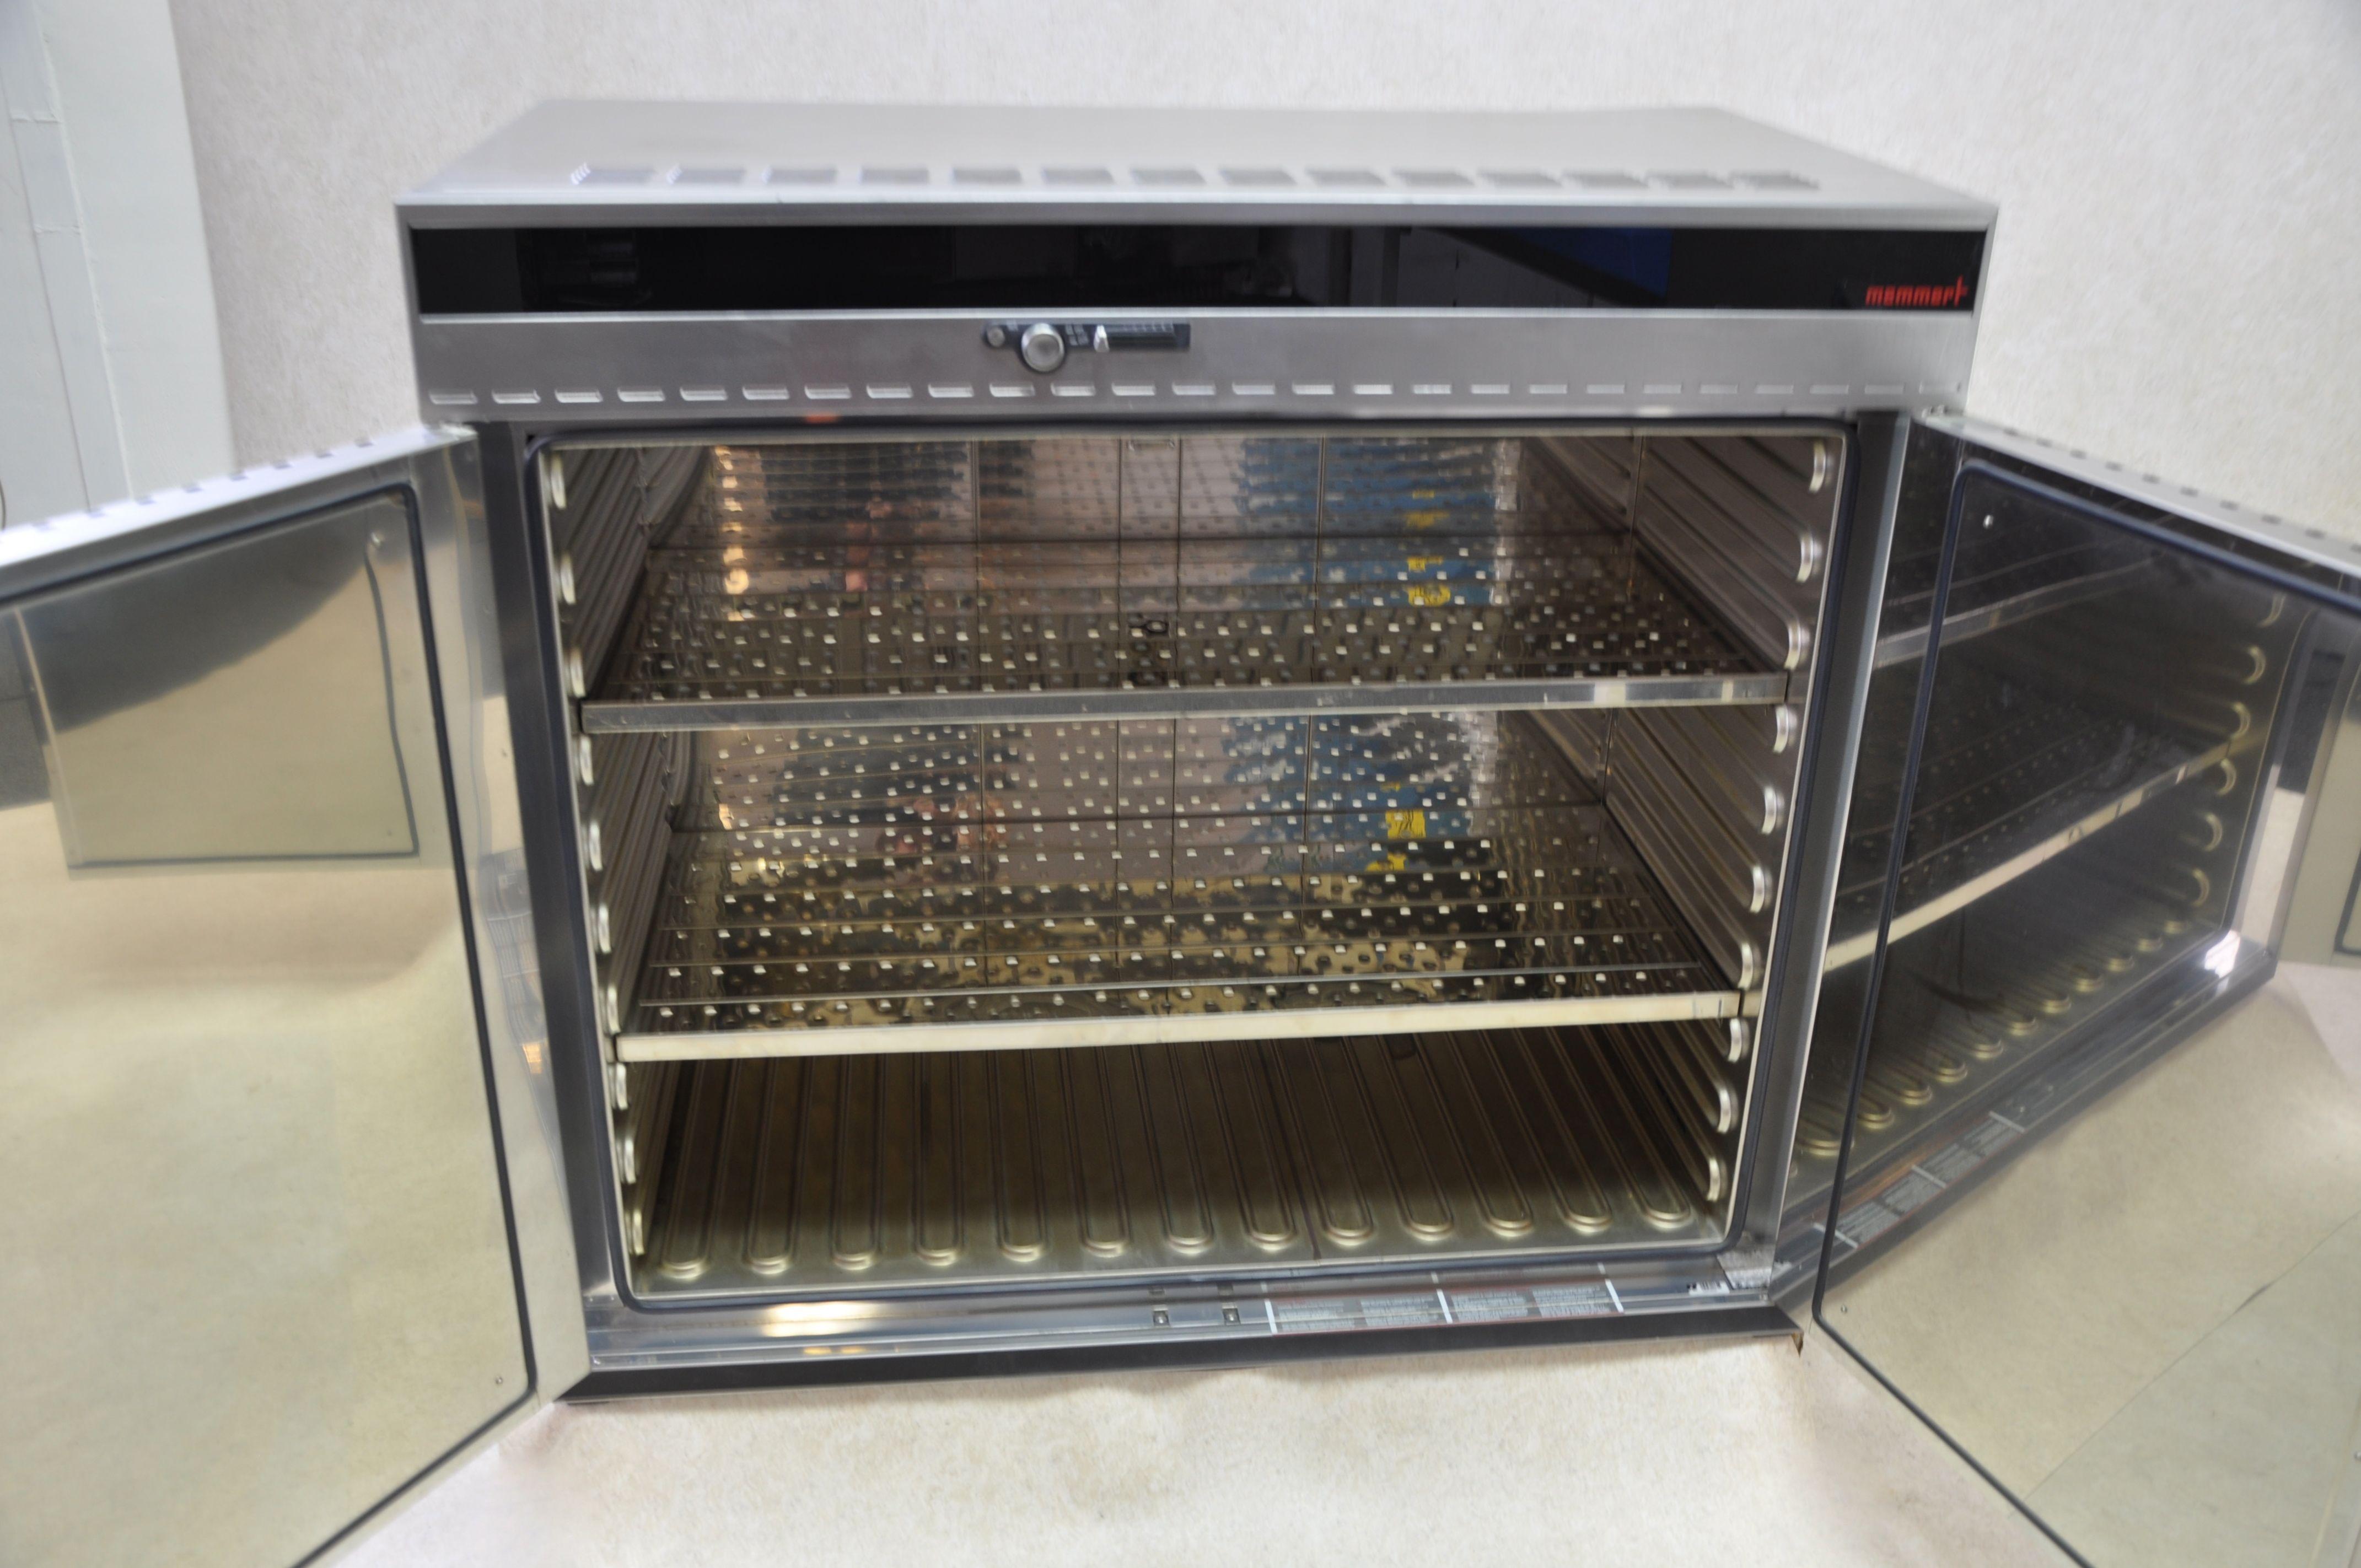 Memmert UNE700 oven - Gemini BV